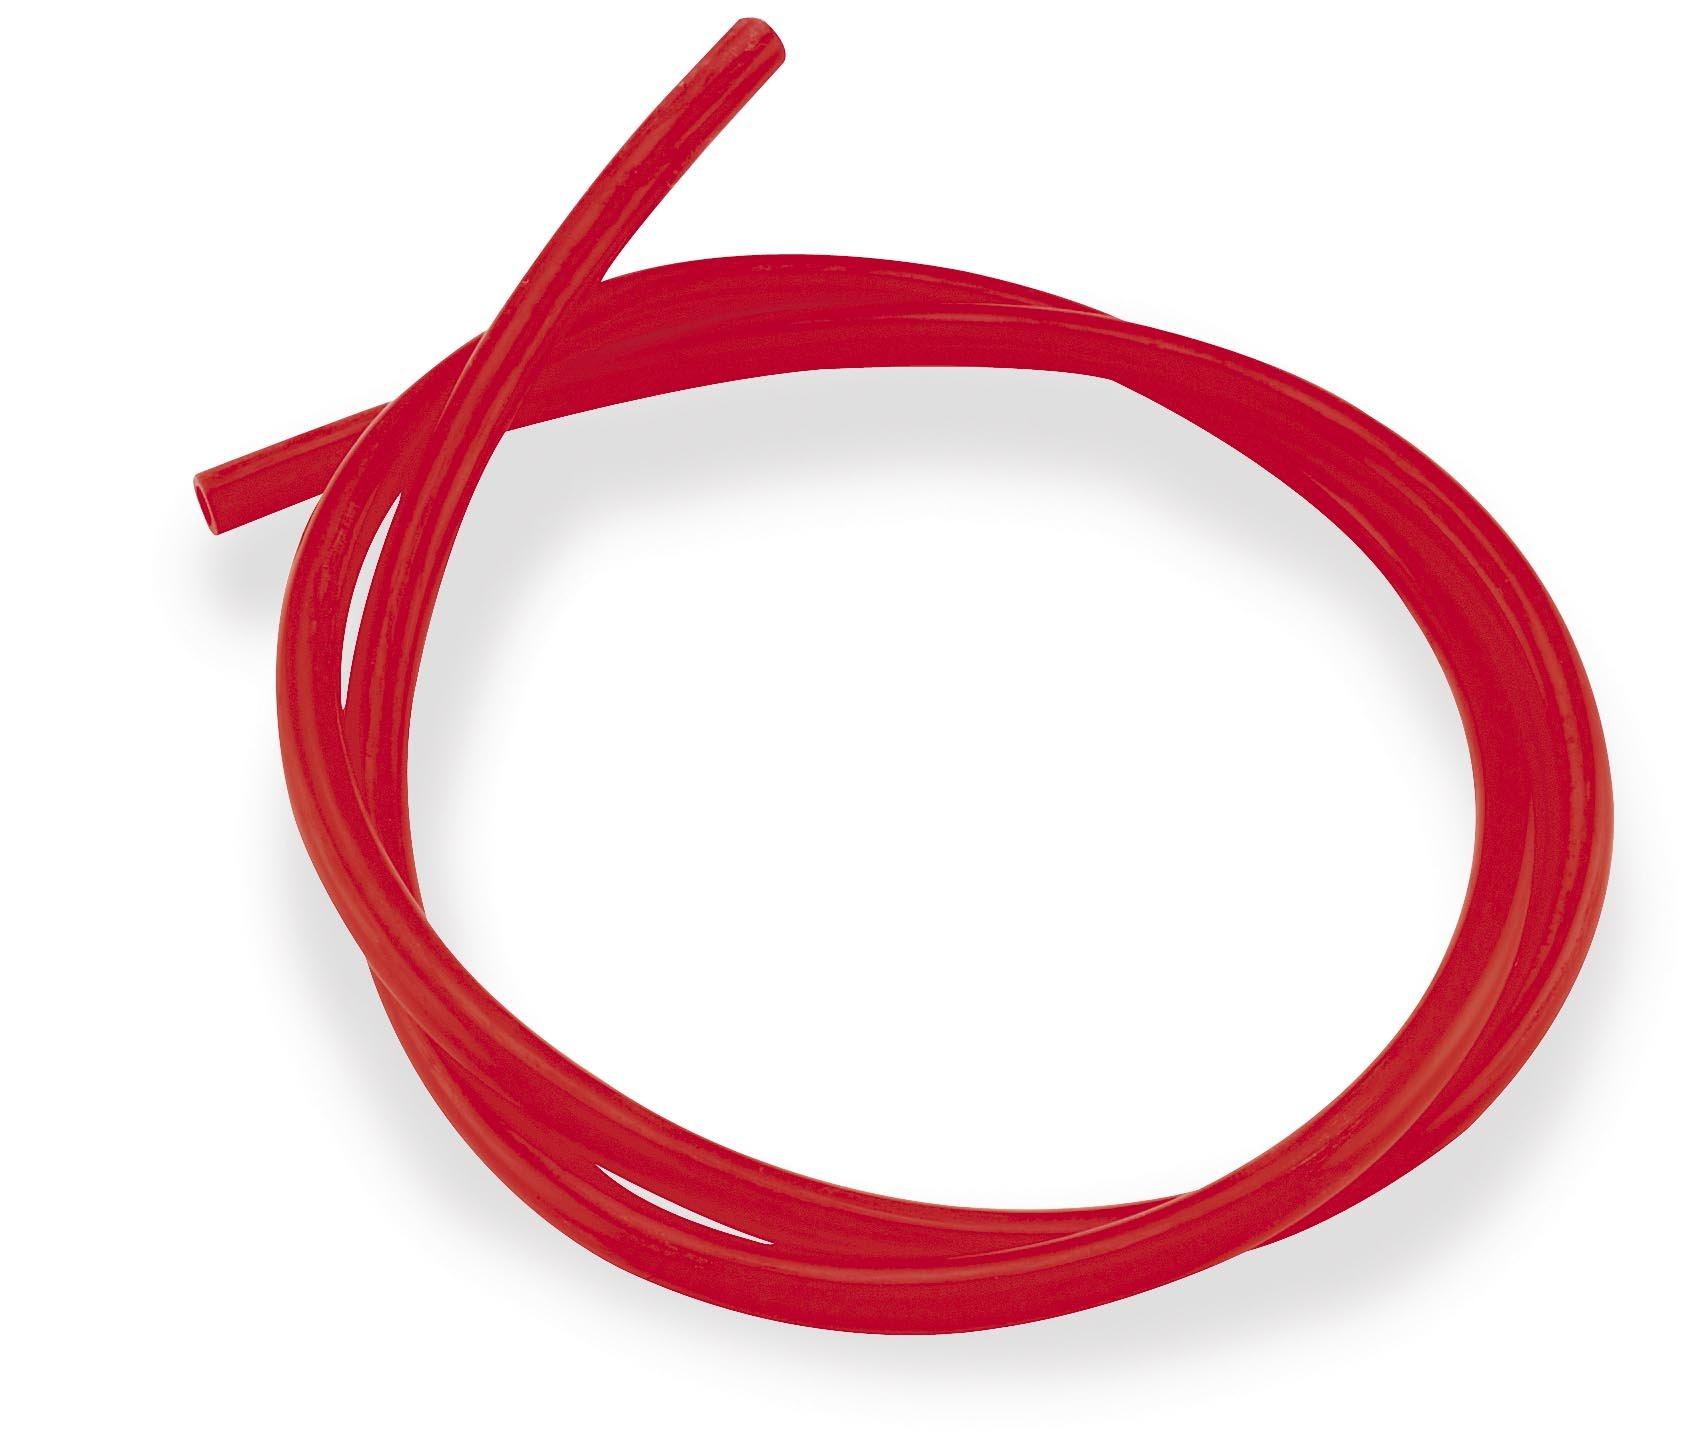 Helix Racing Fuel Line 3/16 IDx5/16 ODx3 Feet Solid Red